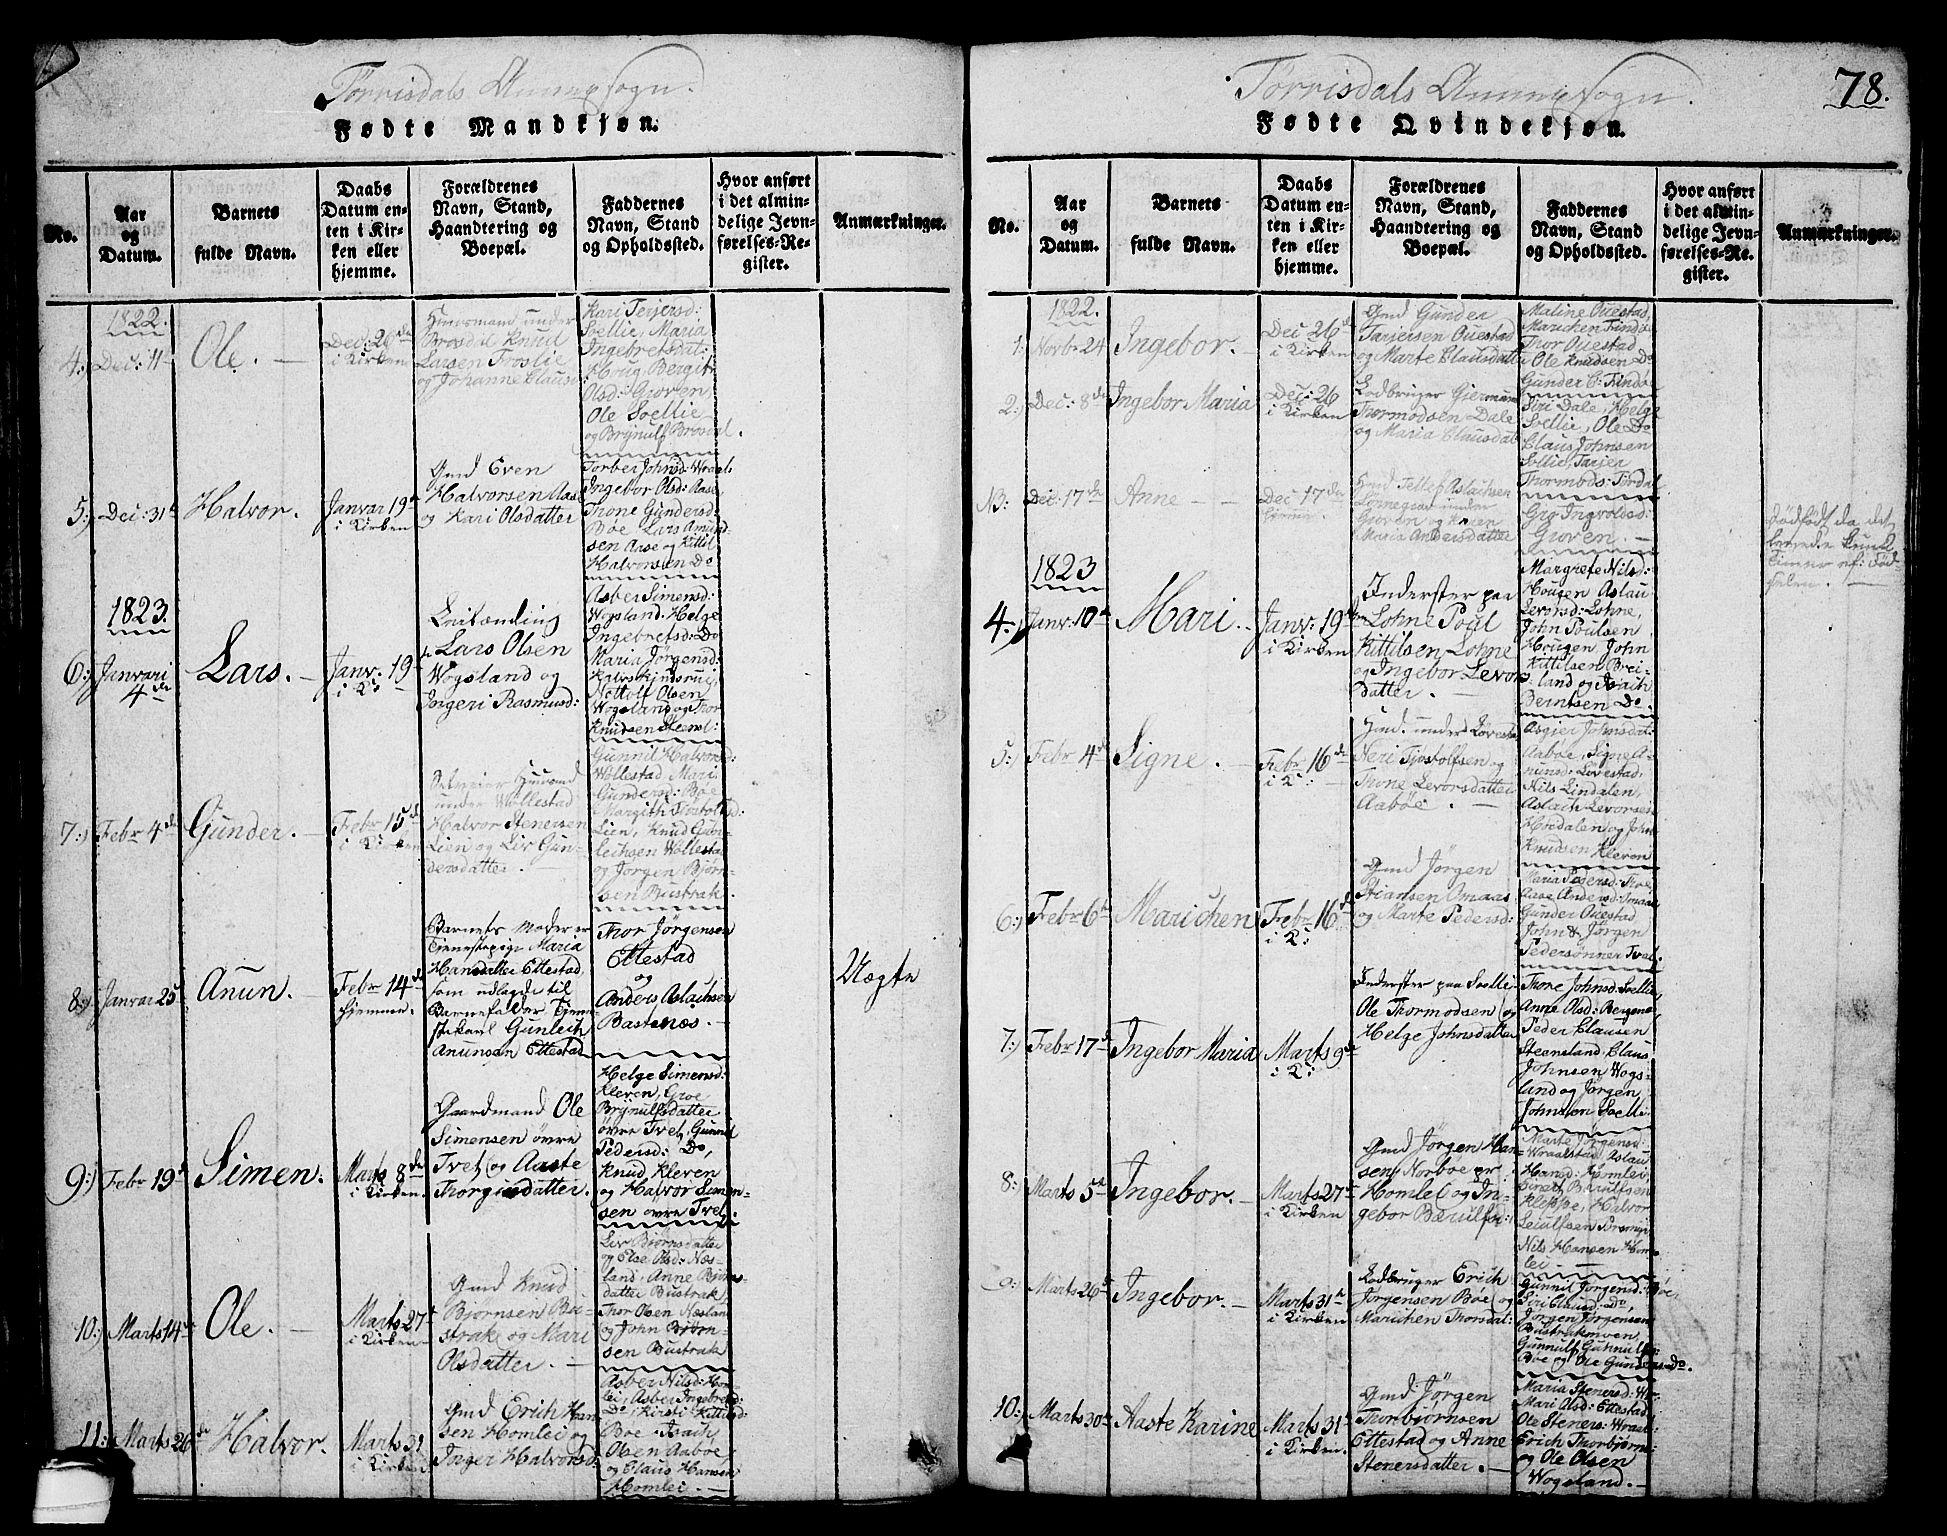 SAKO, Drangedal kirkebøker, G/Ga/L0001: Klokkerbok nr. I 1 /2, 1814-1856, s. 78